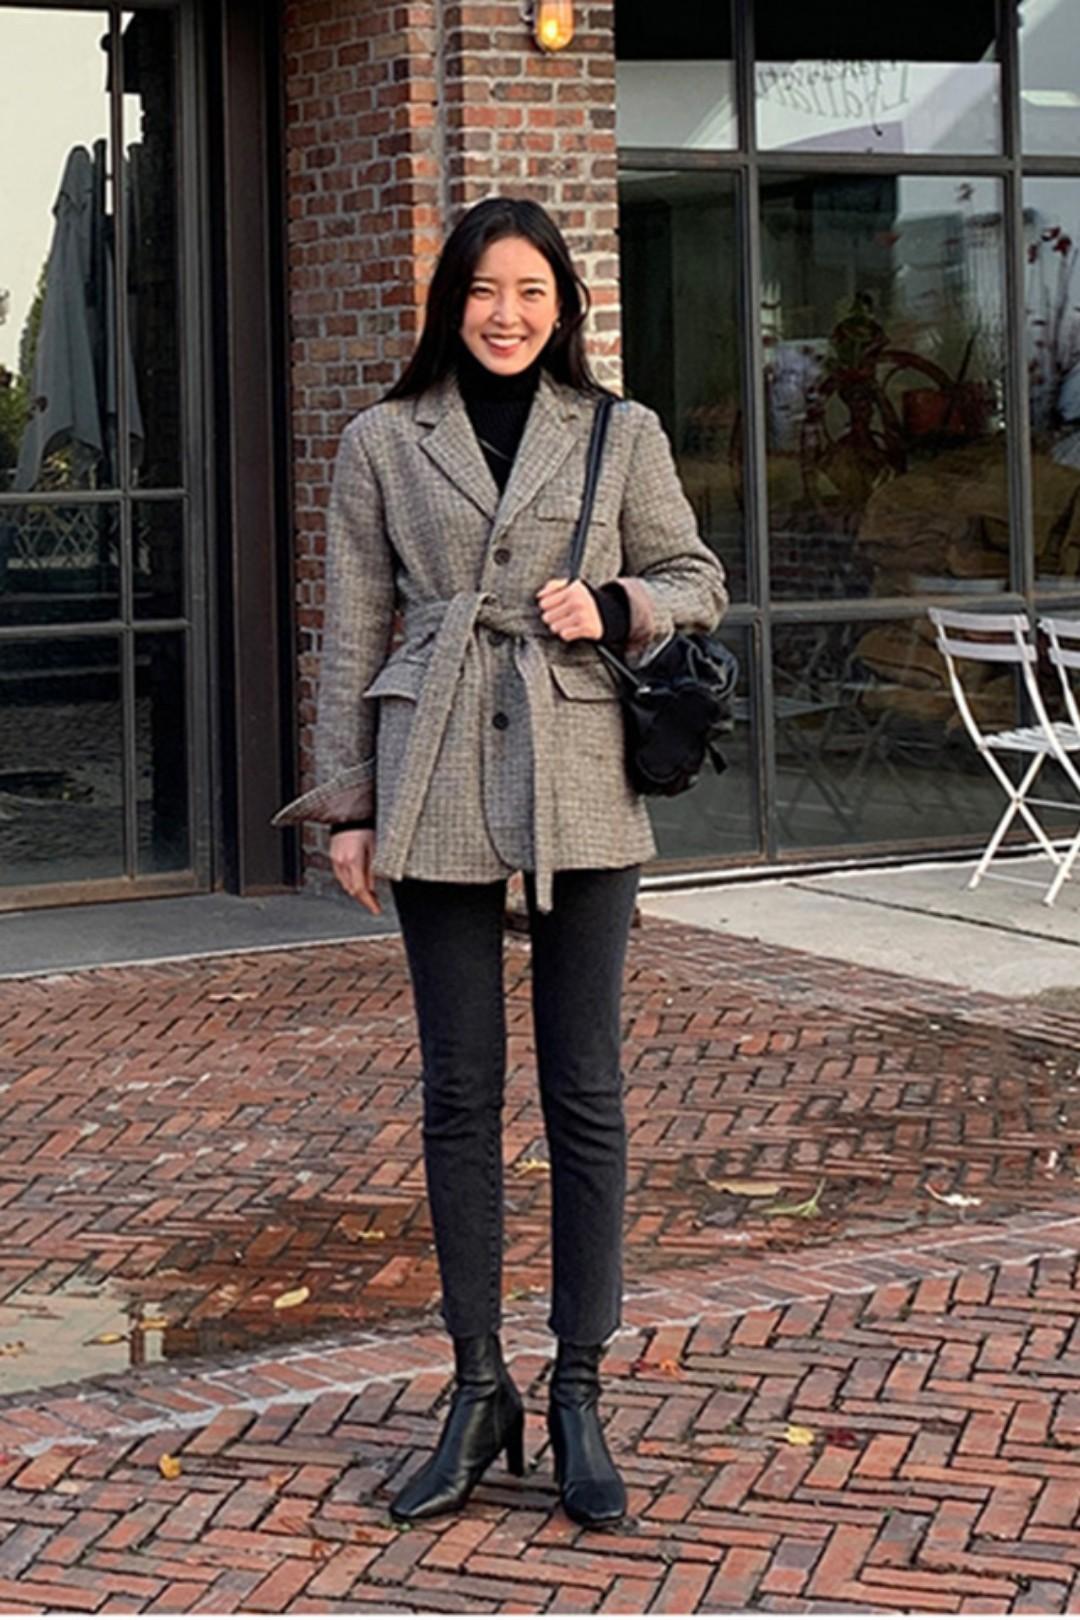 #备战双十二!这些外套必囤!#가을 겨울, 빈티지한 핏 슬림한 패턴 코트